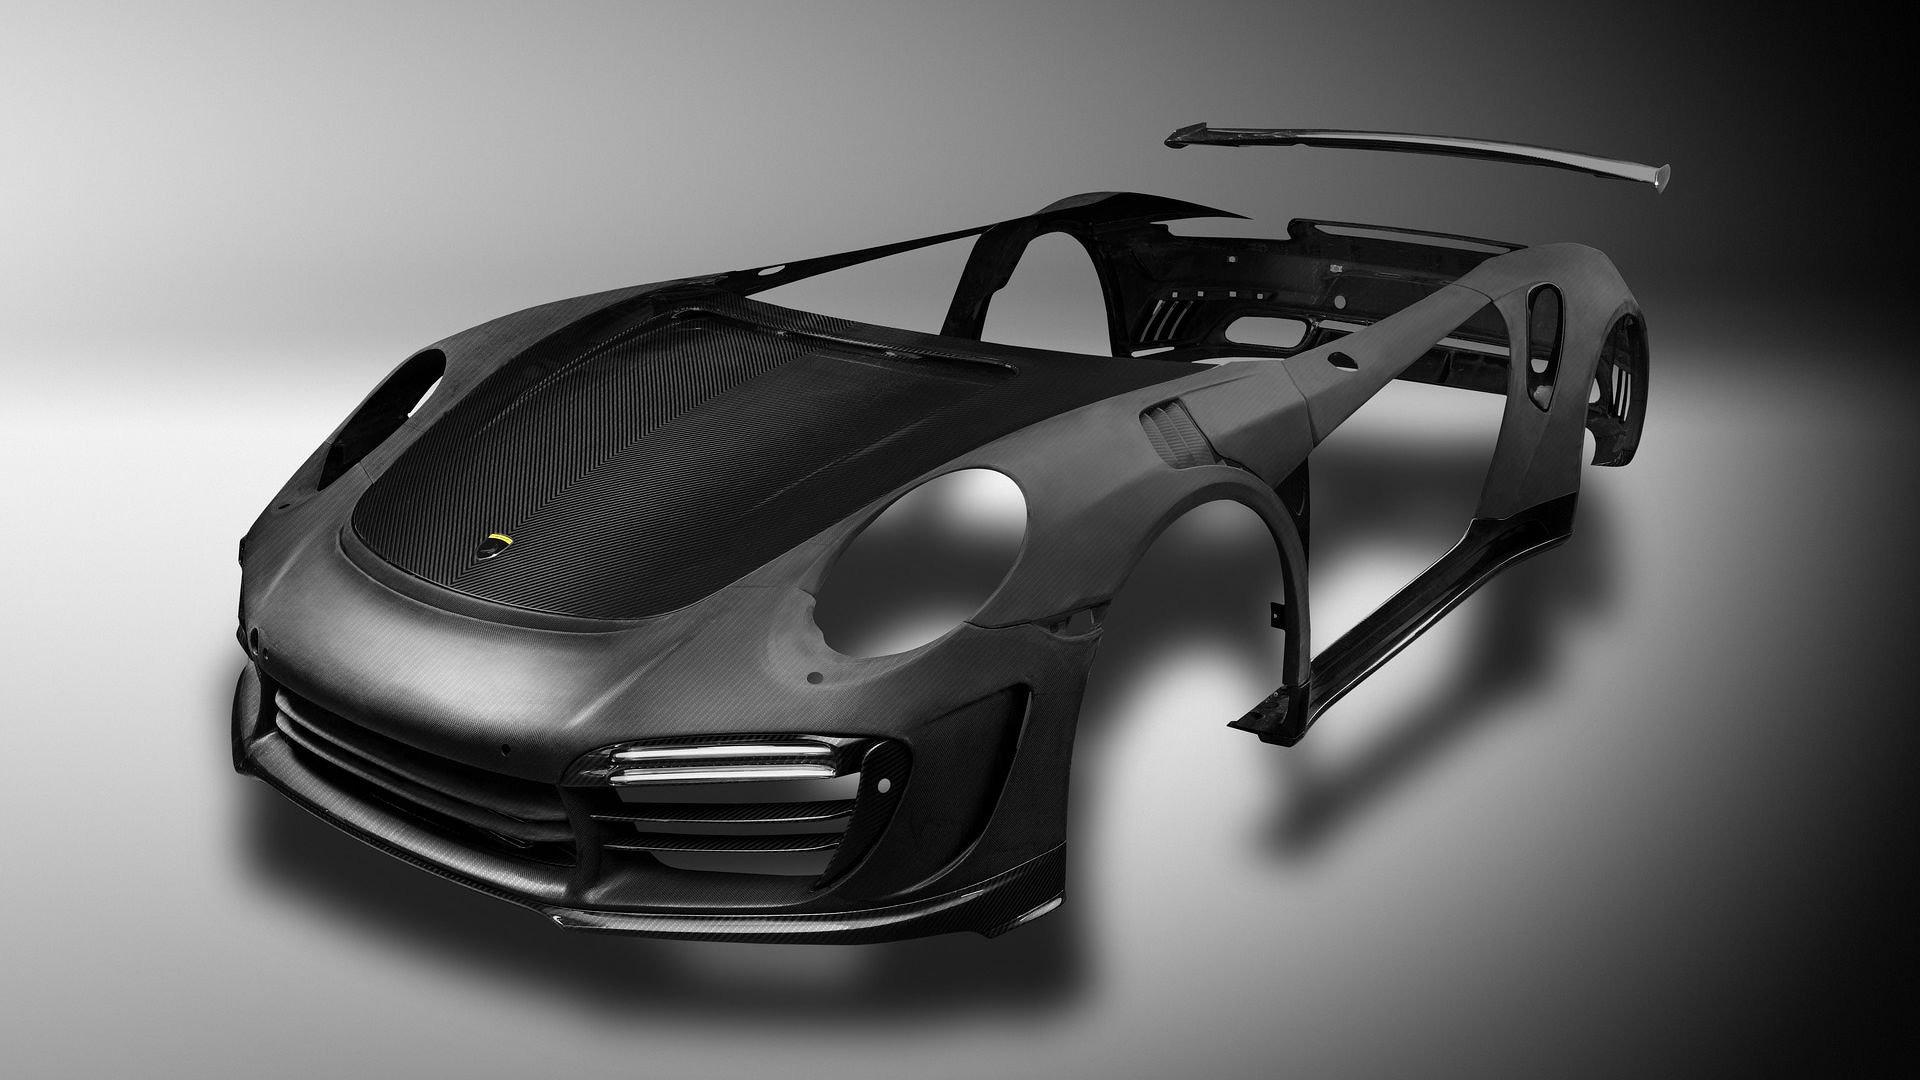 porsche-911-turbo-carbon-fiber Stunning Porsche 911 Gt2 Body Kit Cars Trend